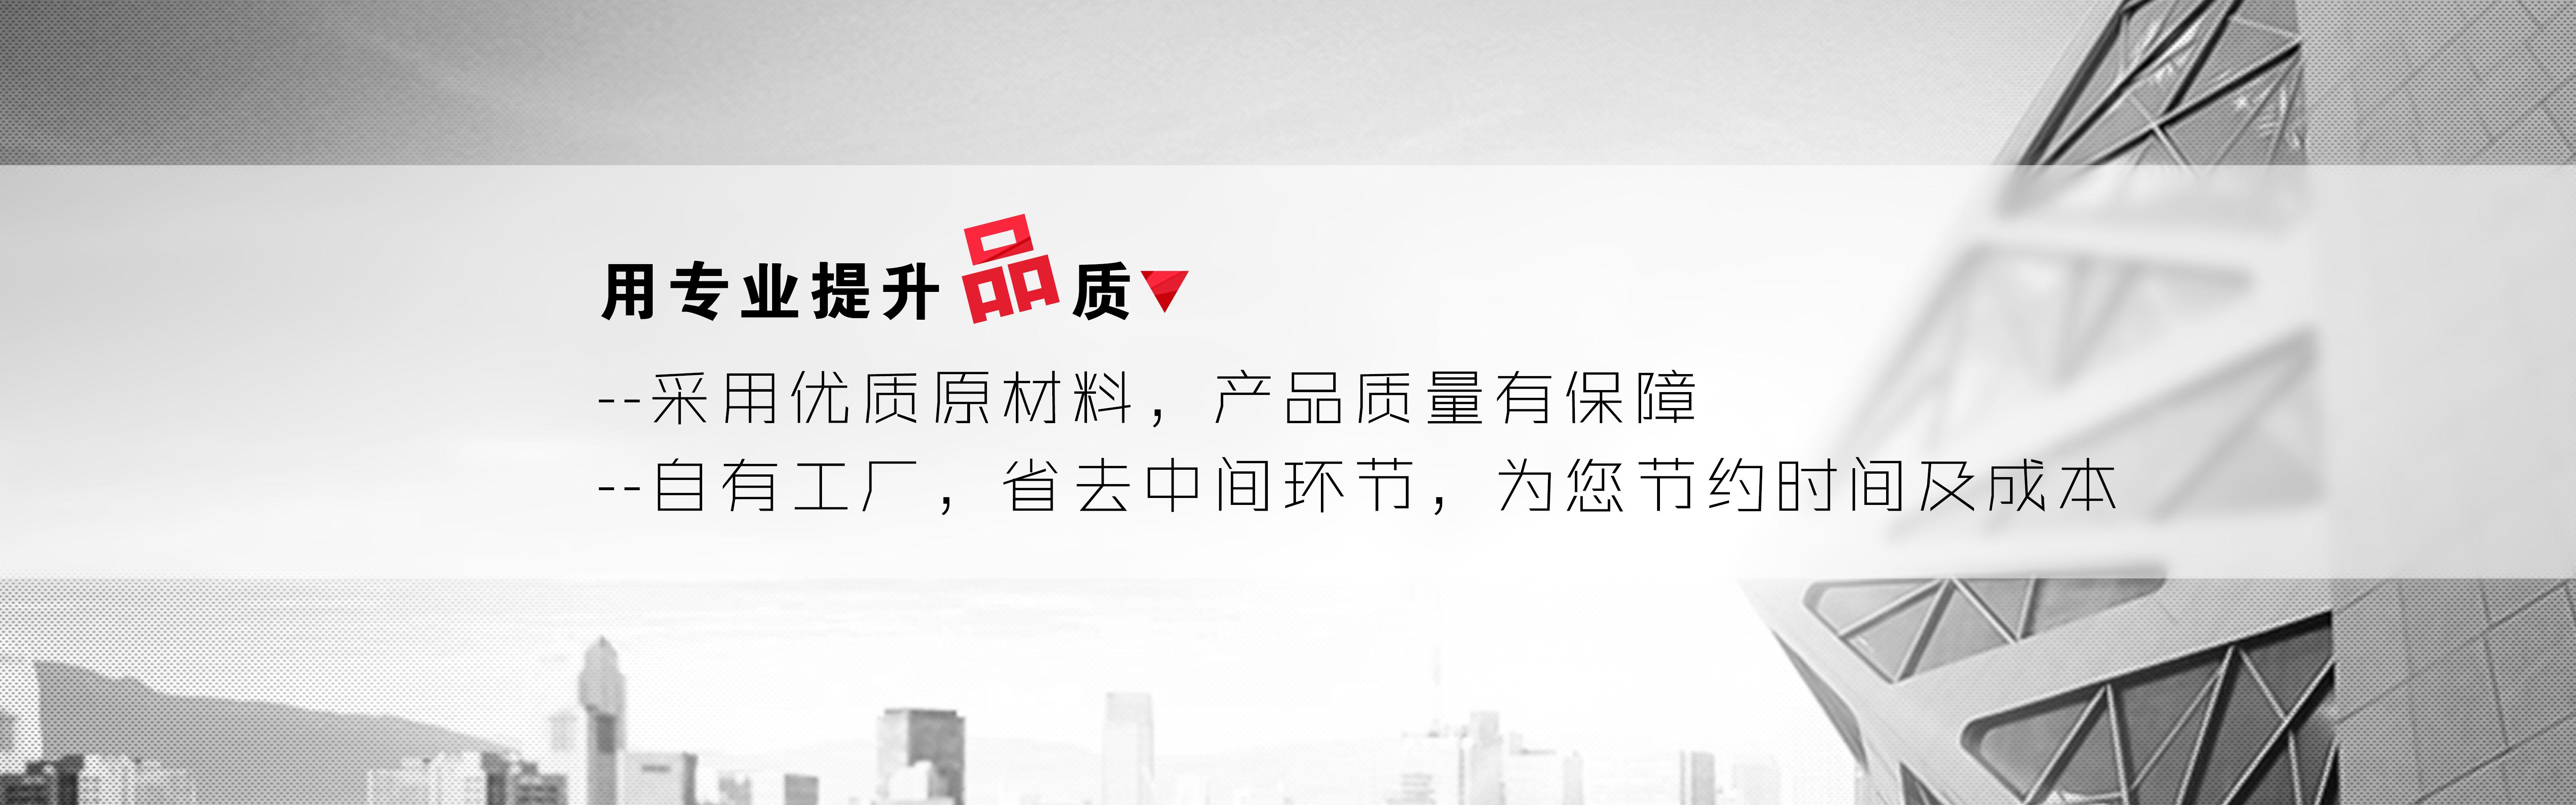 重庆广告制作